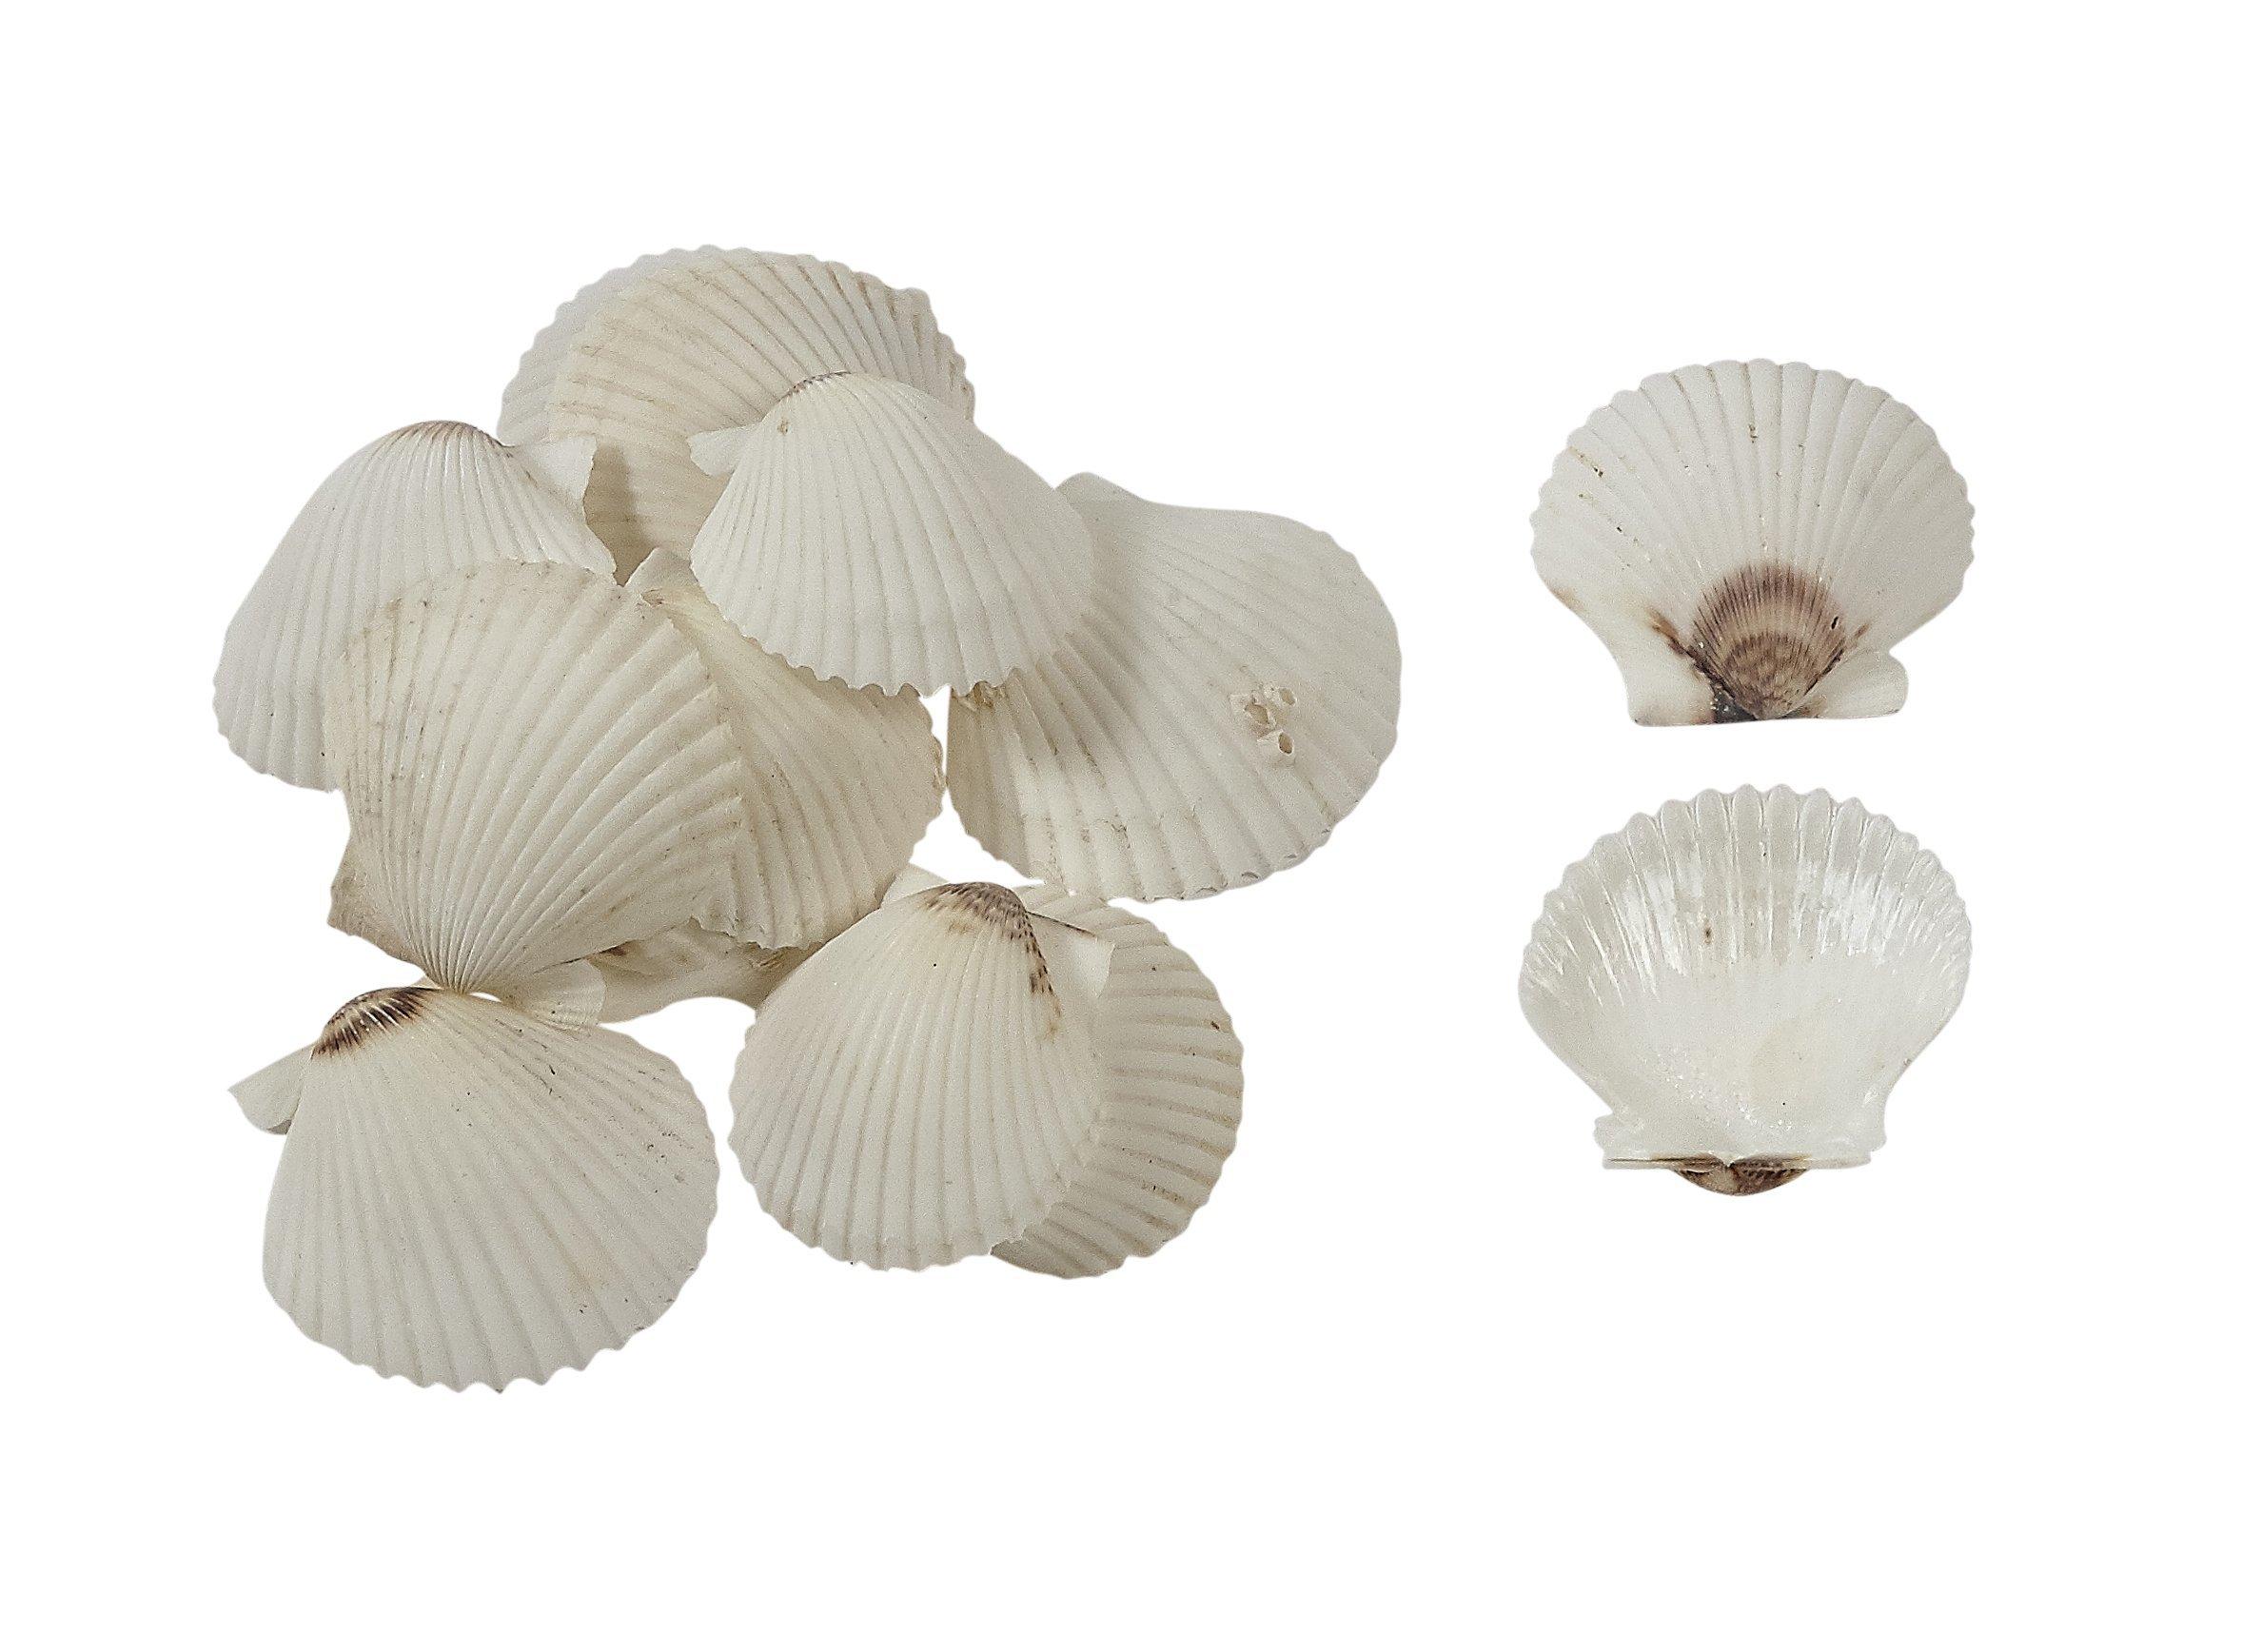 40 Florida White Scallop Shell 1.75-2.25 (Set of 40) Bulk Seashells, Bag of Sea Shells